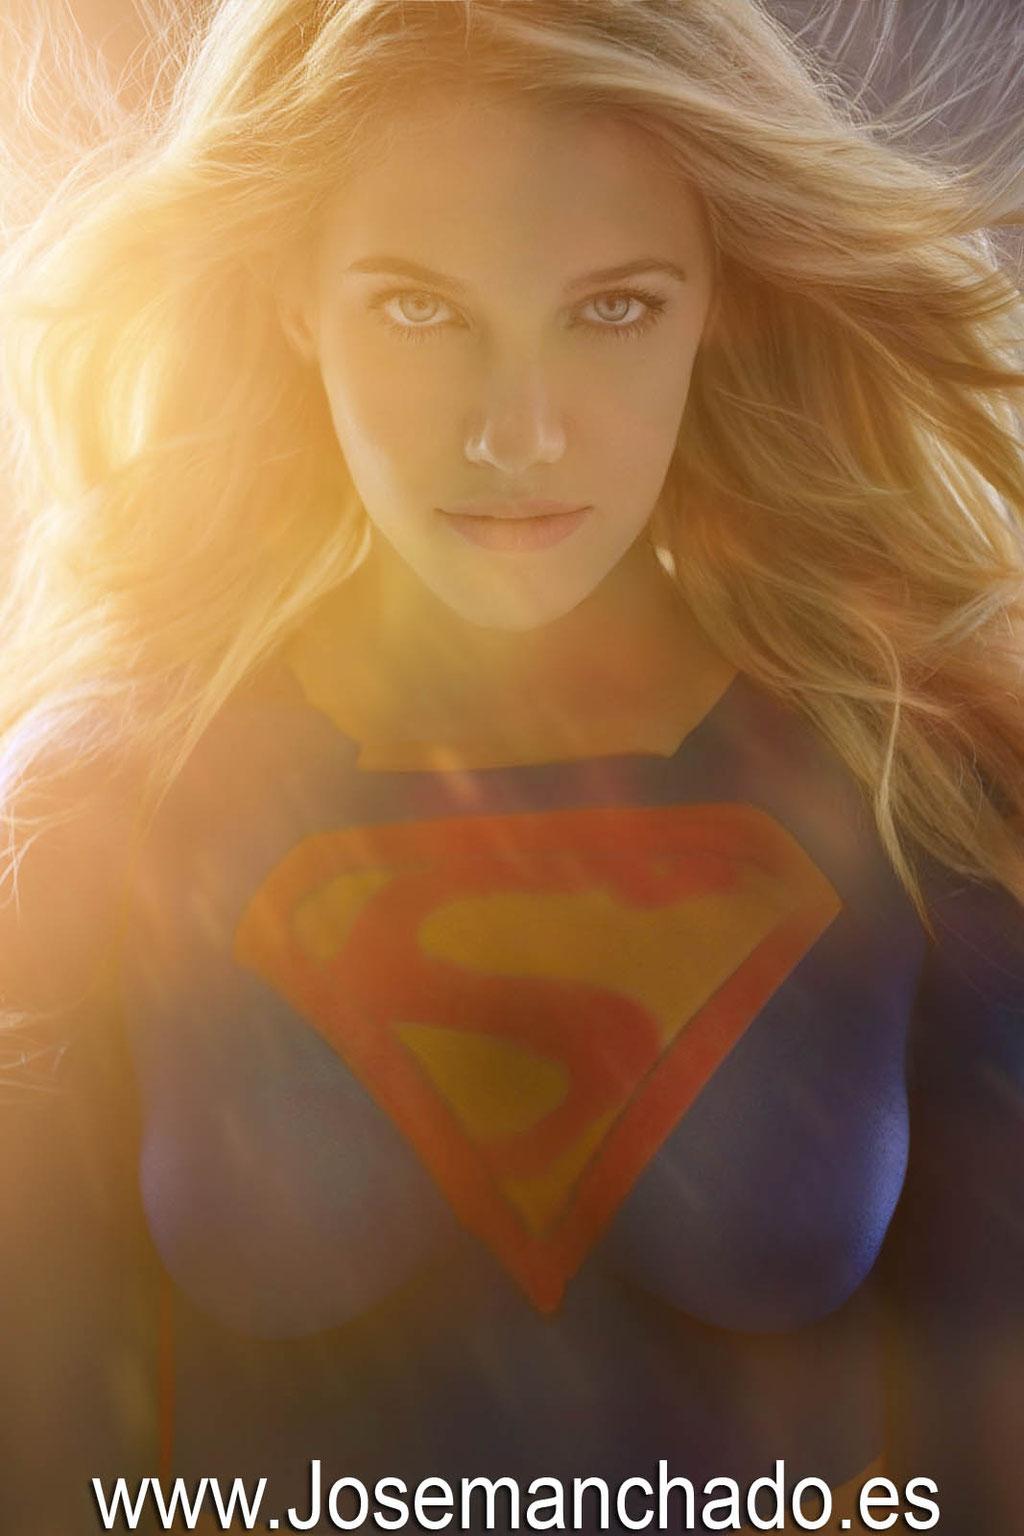 bodypaint supergirl, bodypaint superheroe, bodypaint madrid, book fotos bodypaint